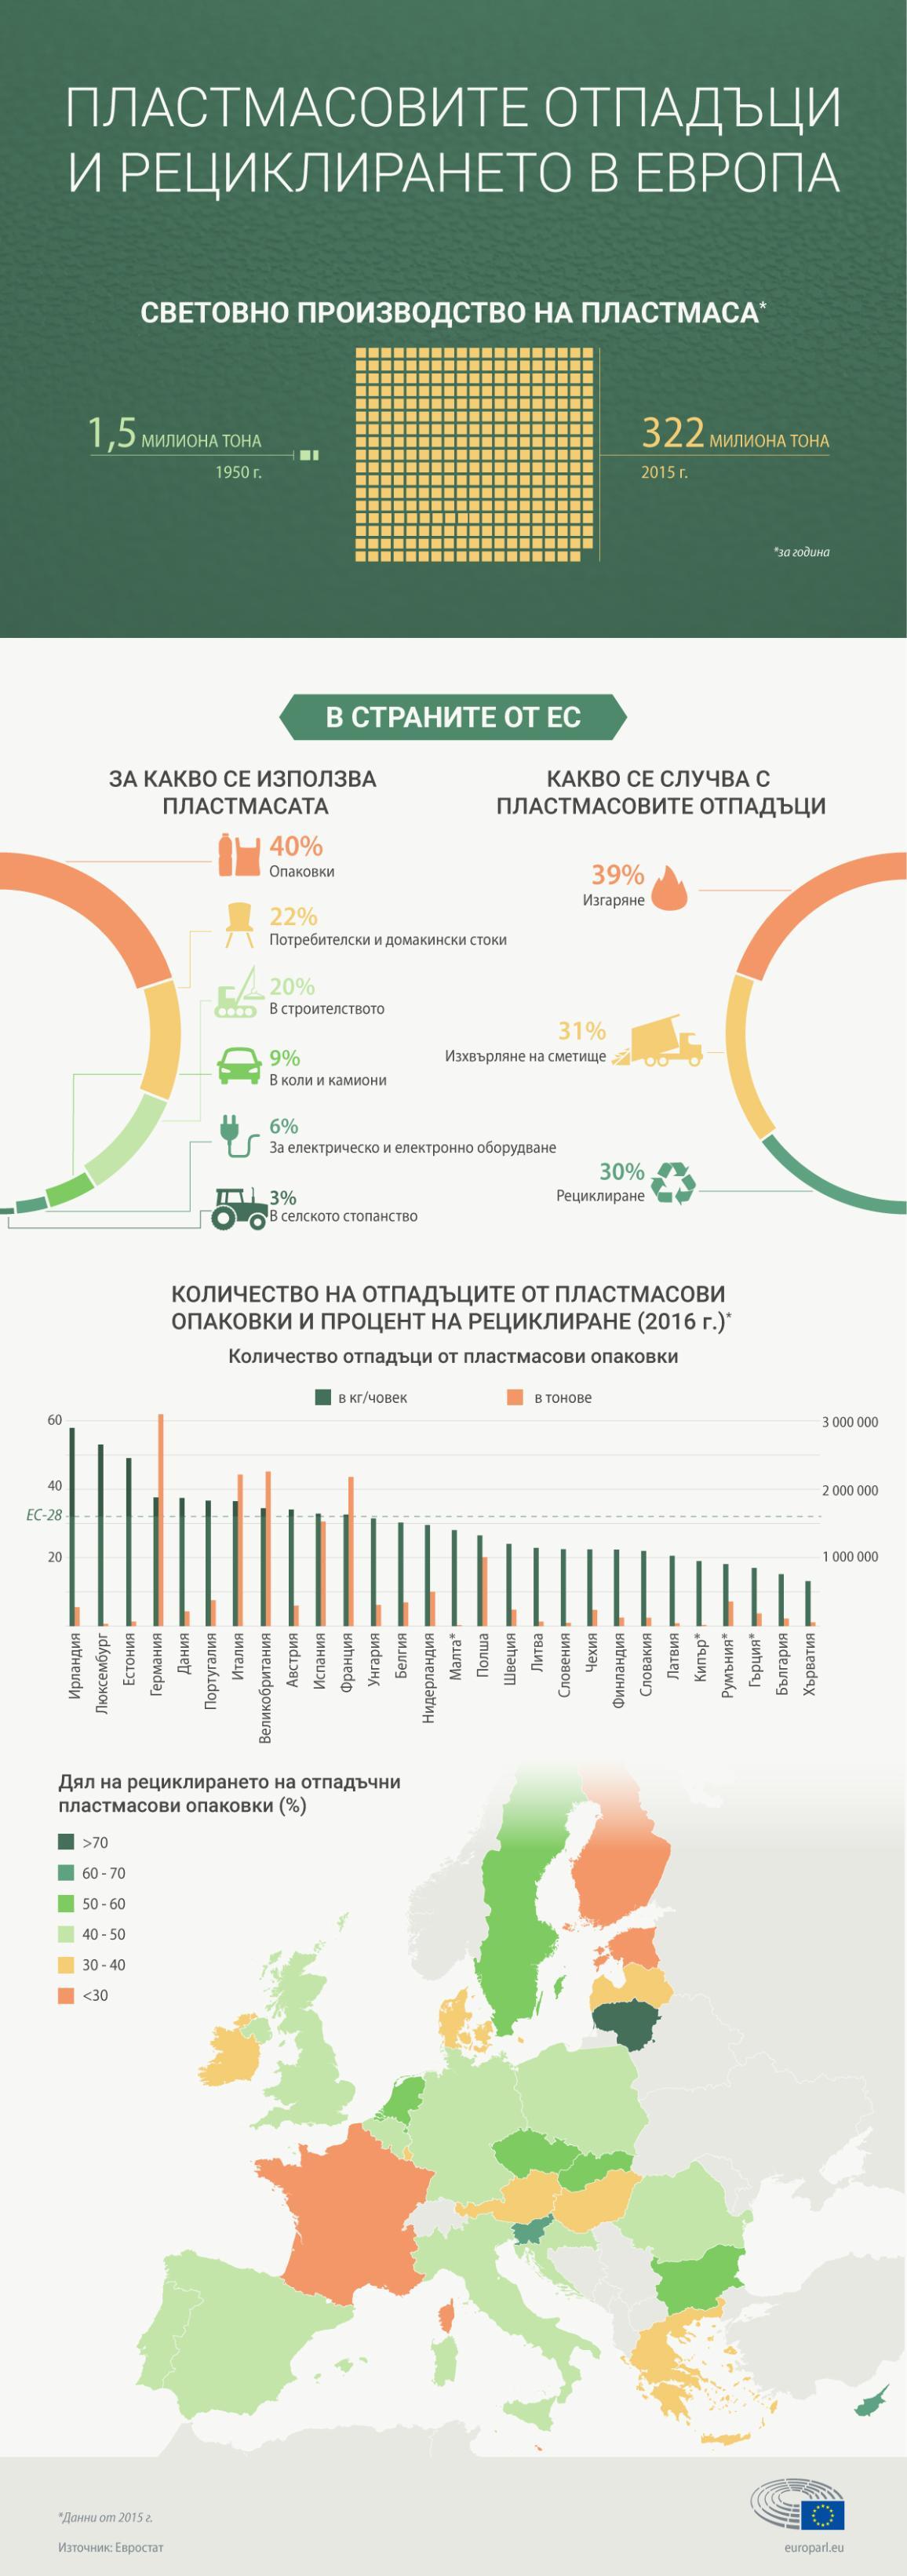 Инфографика за пластмасовите отпадъци и дела на рециклирането на пластмасови опаковки в страните от Европейския съюз